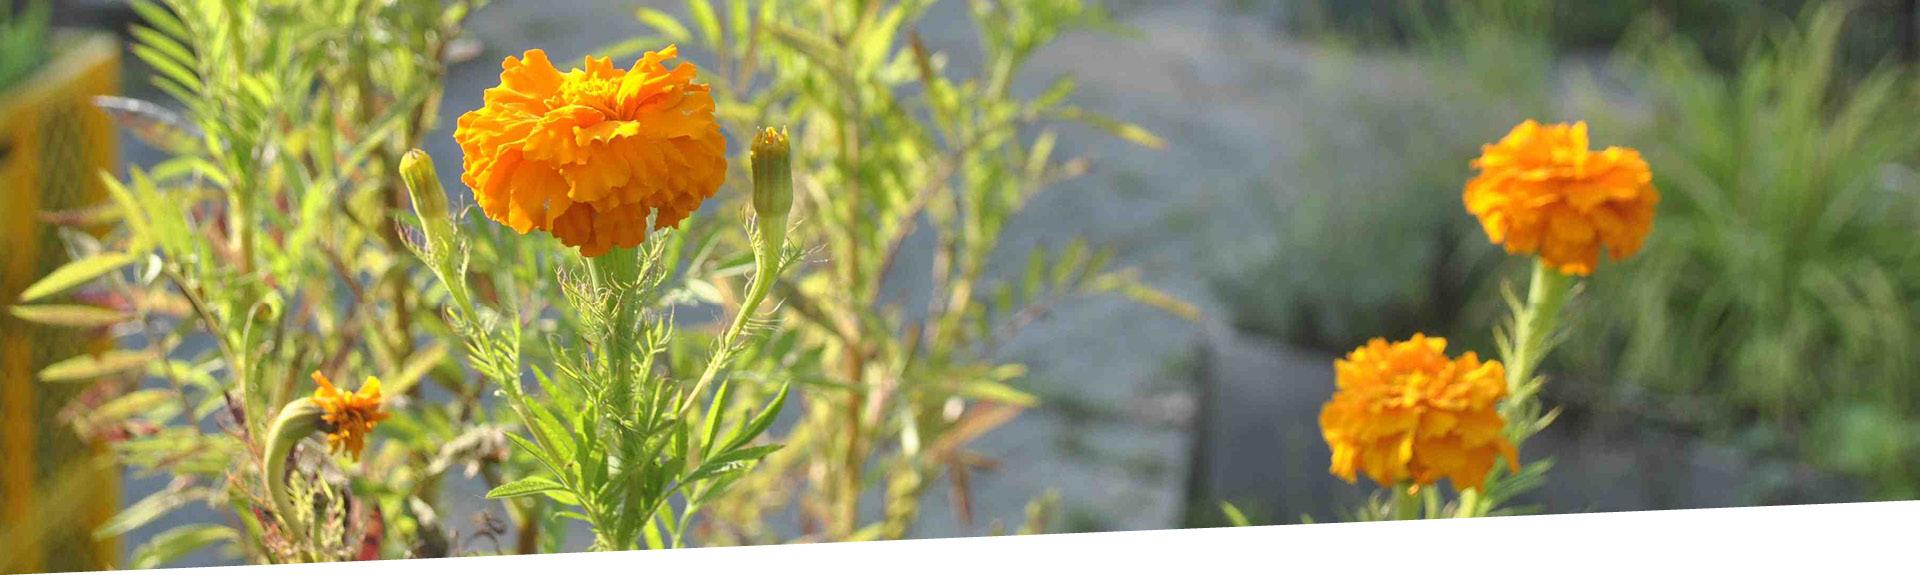 Blüten auf dem Lucie Flechtmann Platz